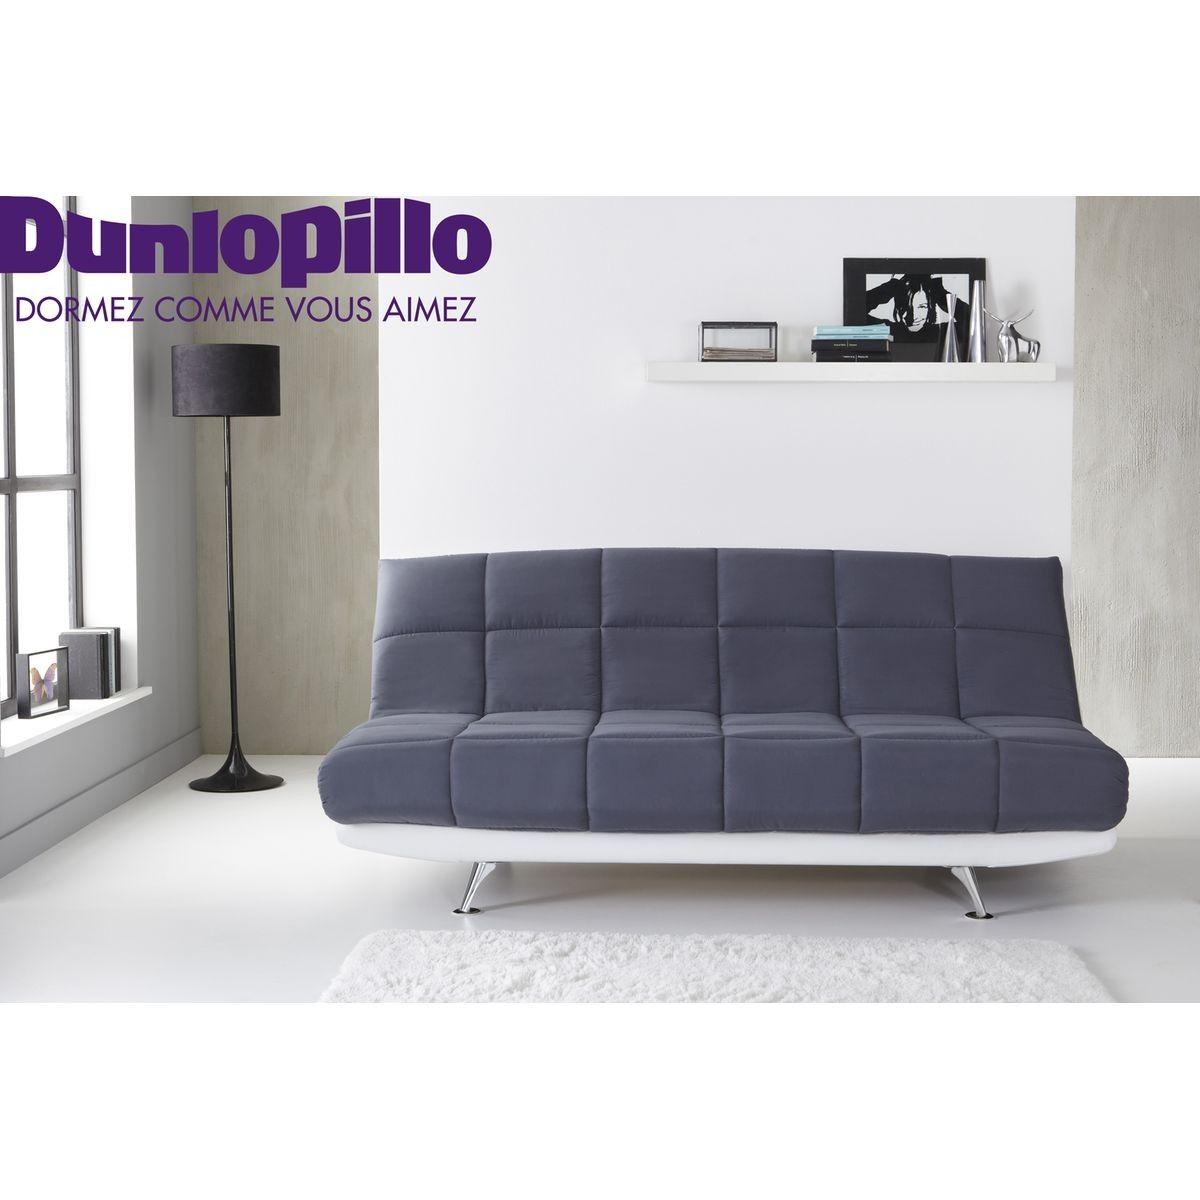 Banquette Lit Clic Clac Cocoon Matelas Dunlopillo Mousse A Memoire Taille 3 Places Furniture Couch Futon